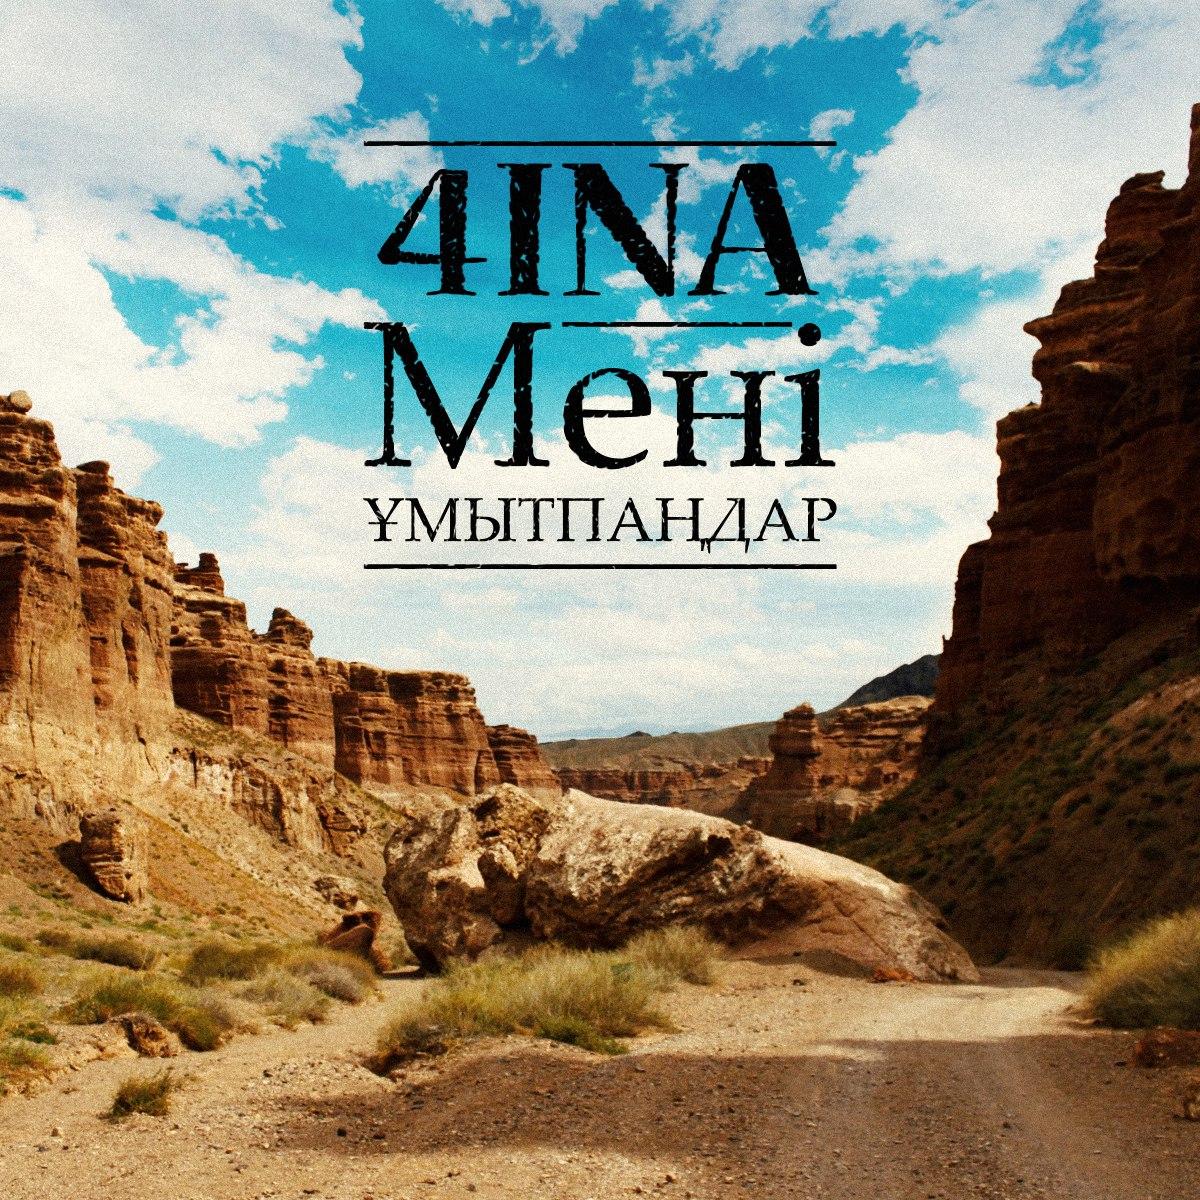 4INA - Мені ұмытпаңдар (2016)